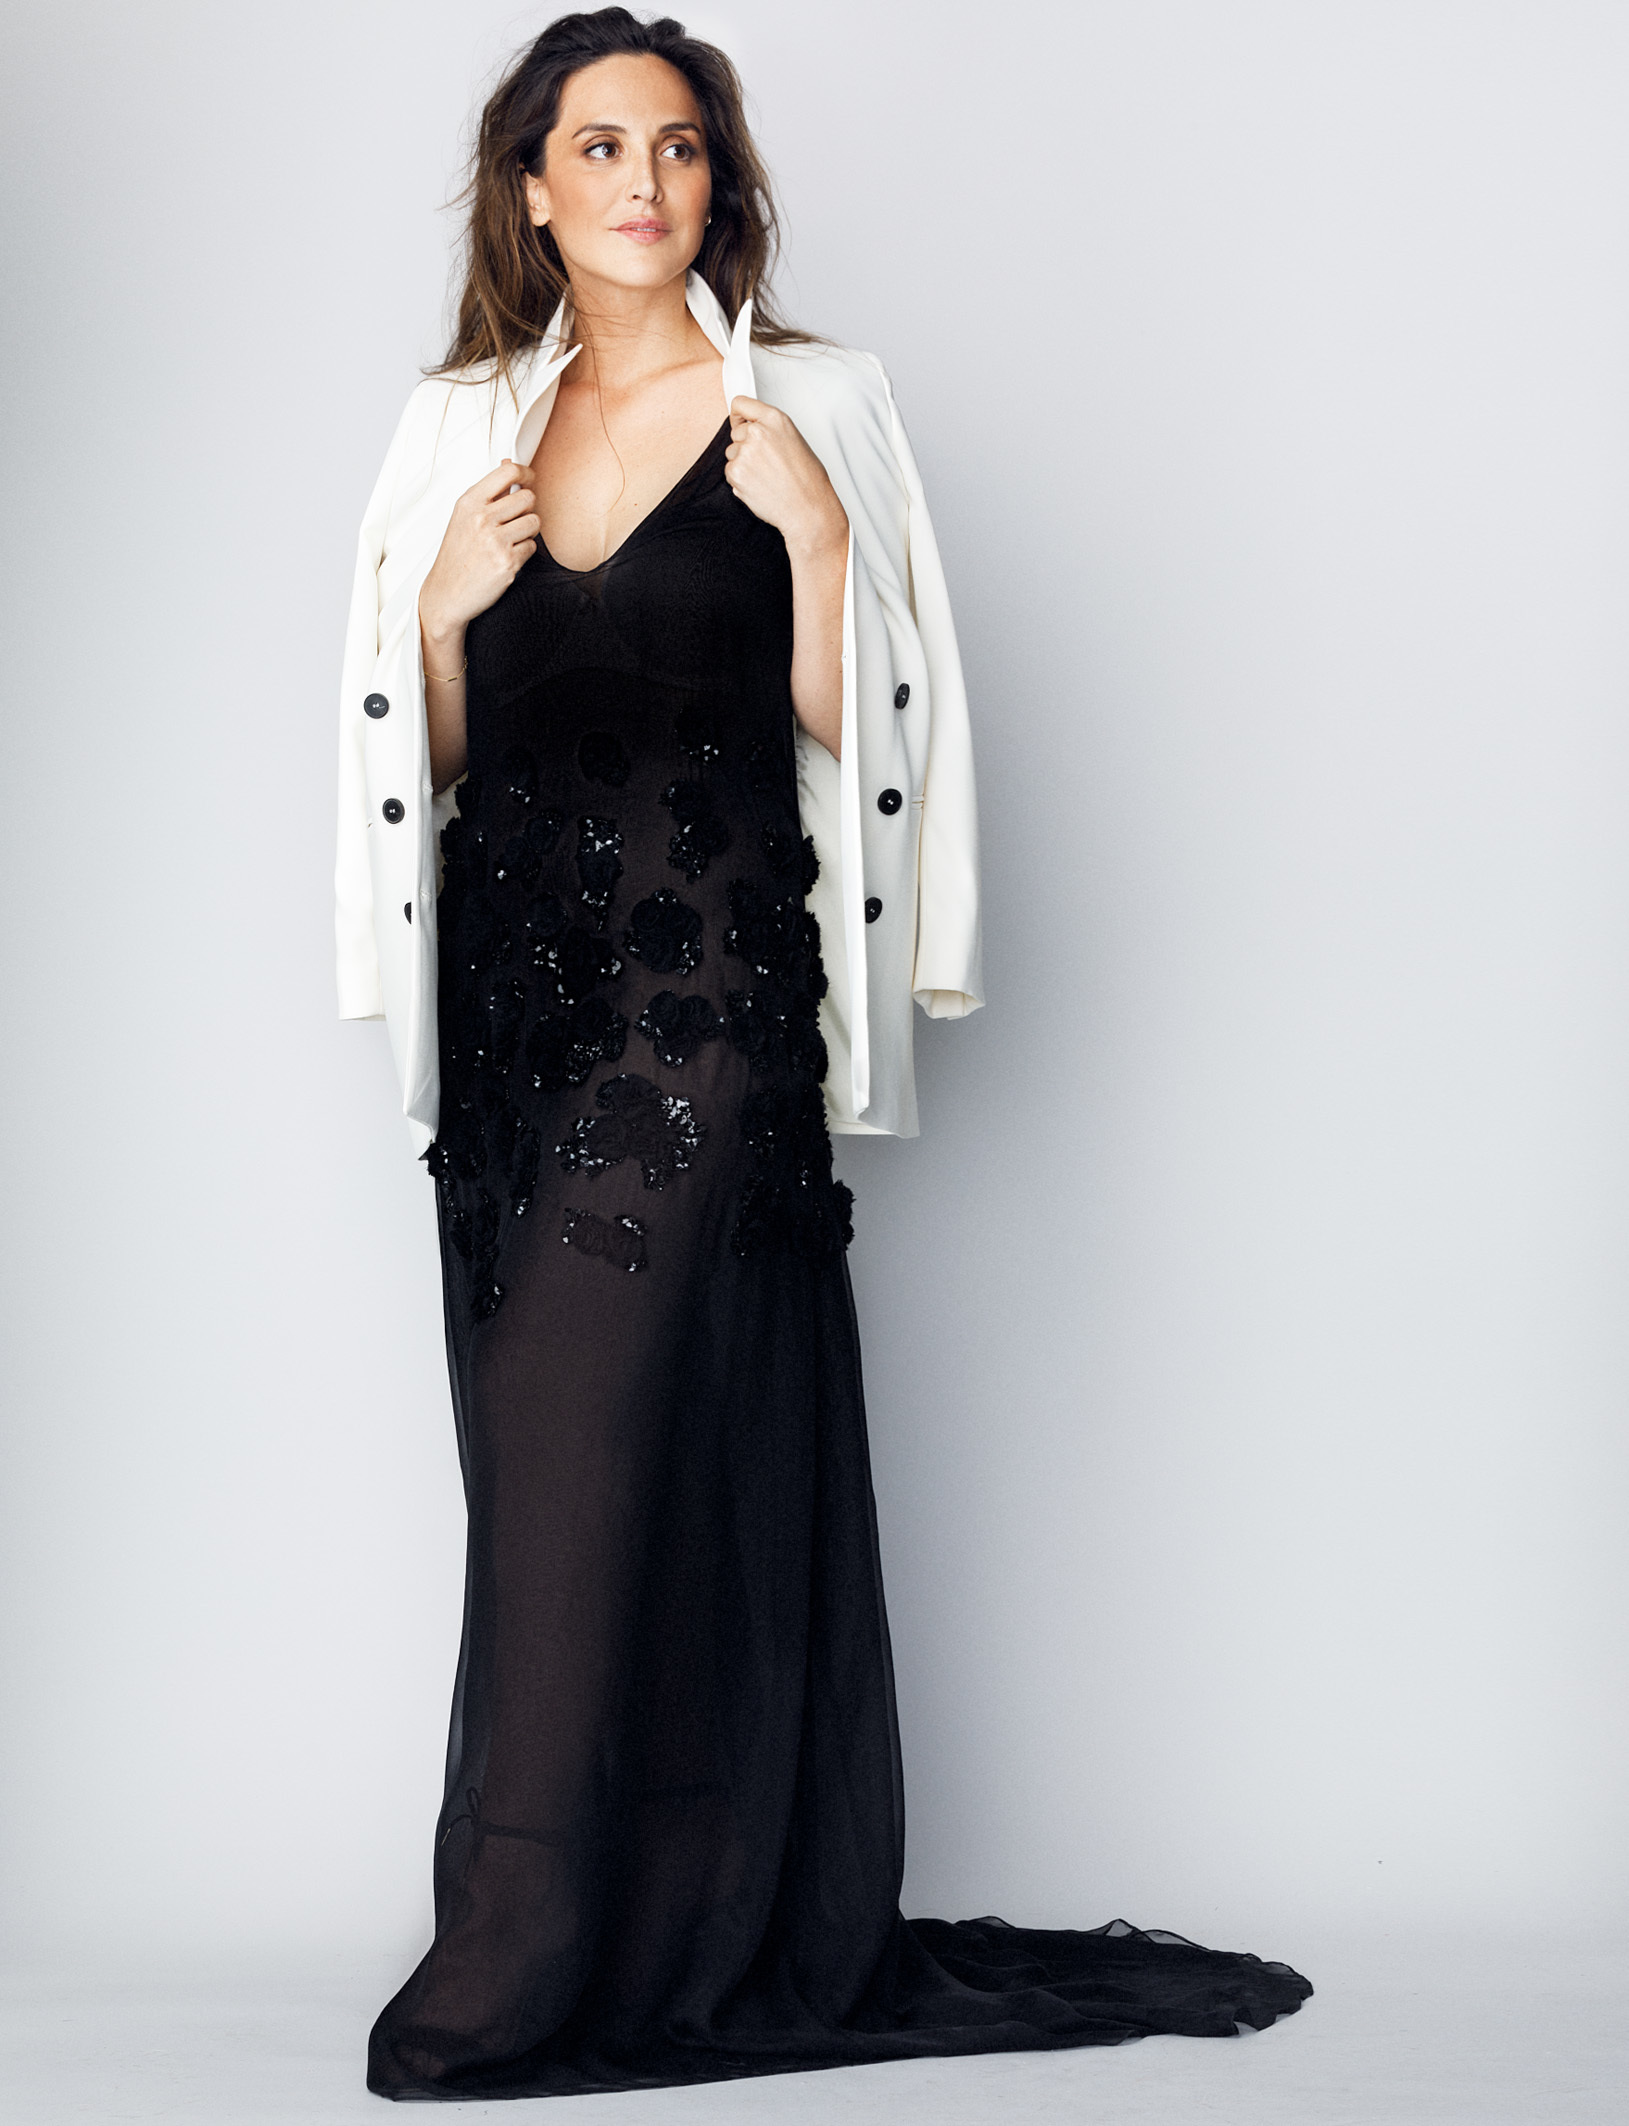 3332230a53 Tamara Falcó lleva vestido negro con bordados en azabache de JORGE.